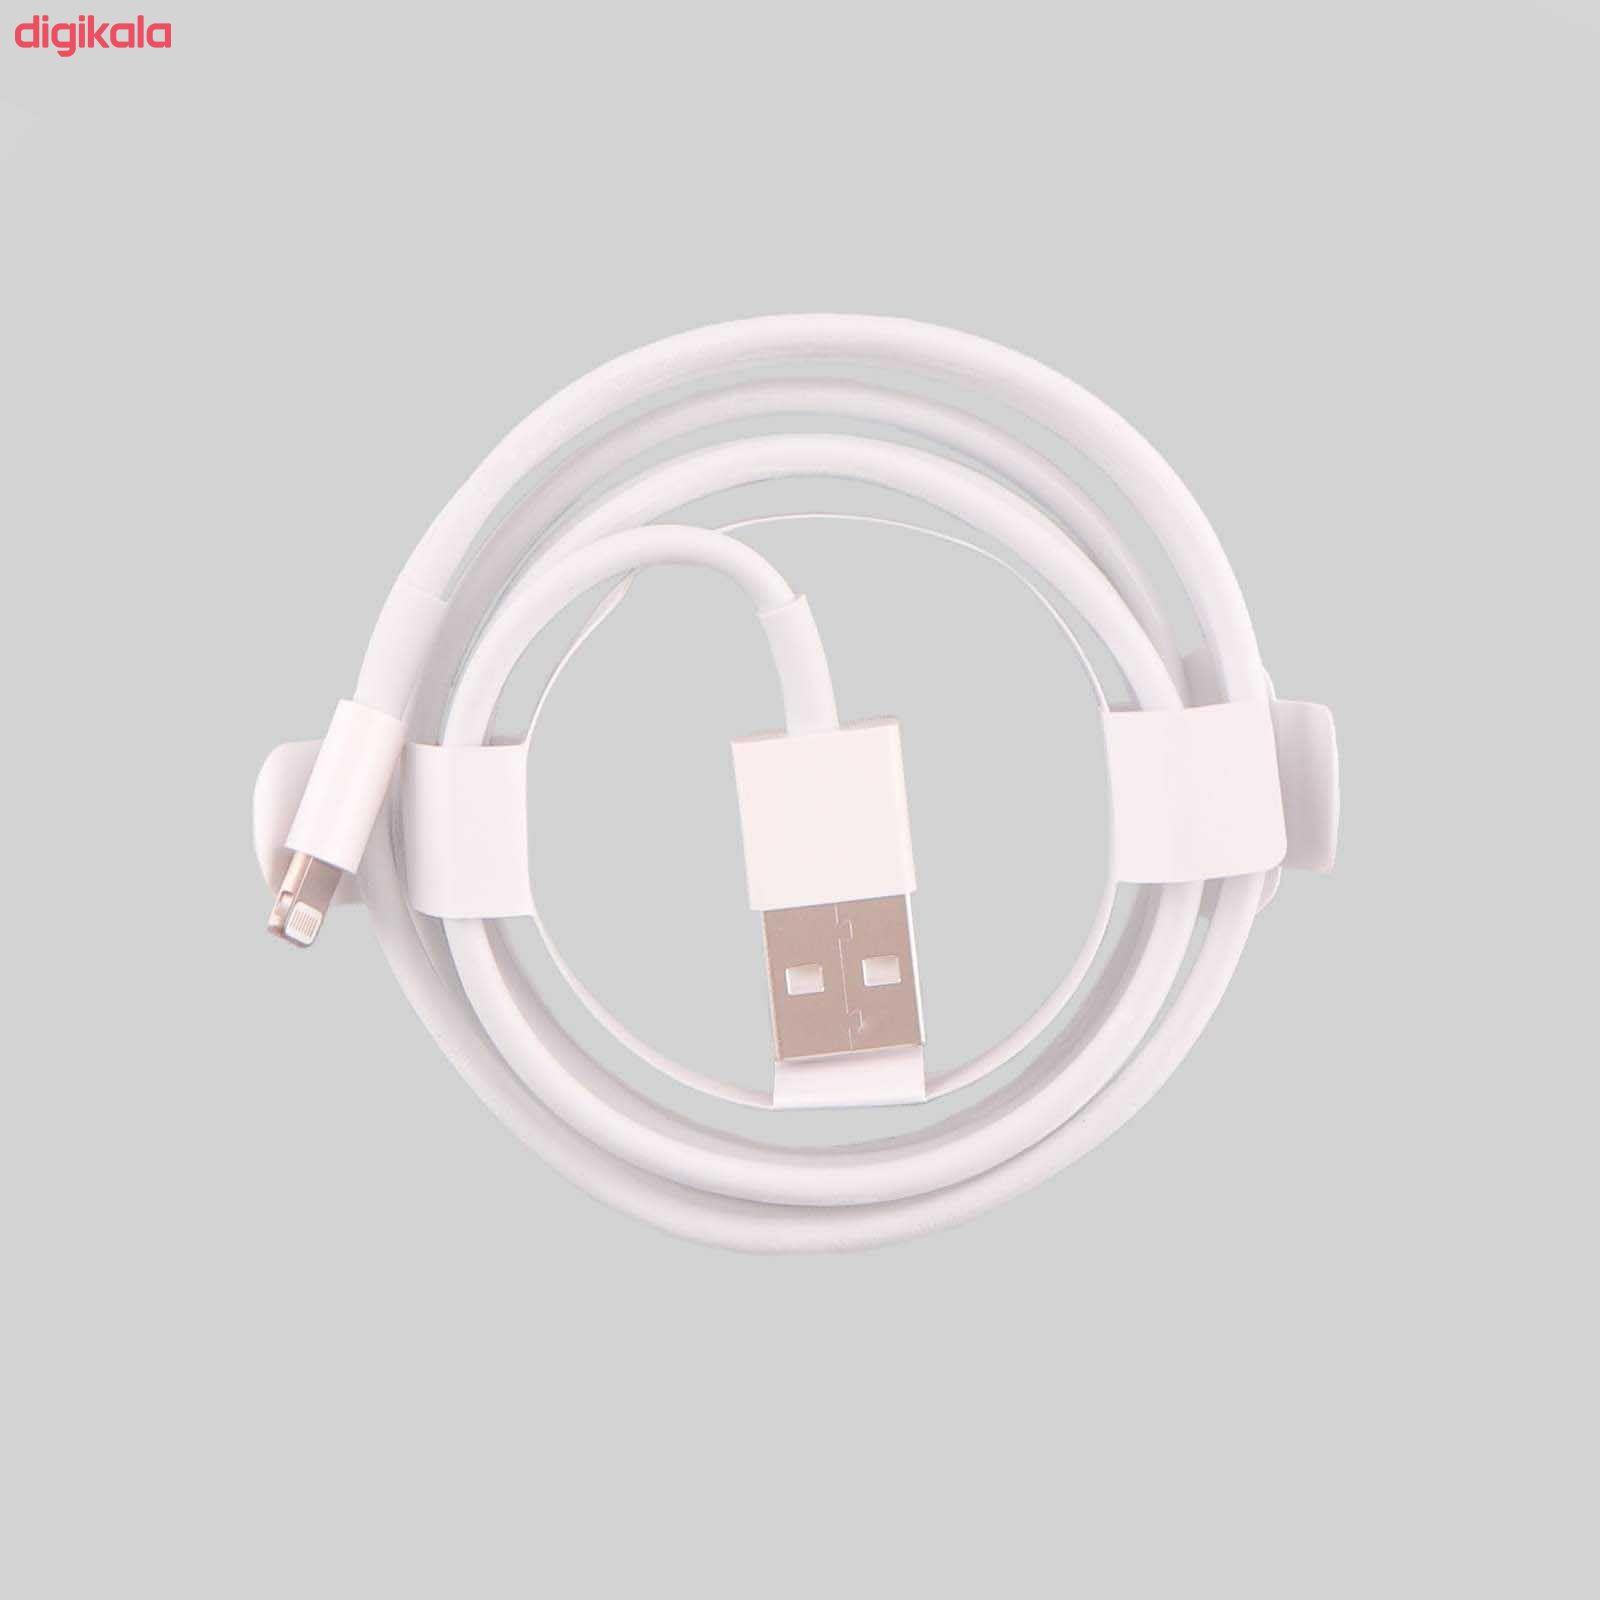 کابل تبدیل USB به لایتنینگ مدل MD818FE/A طول 1 متر   main 1 11